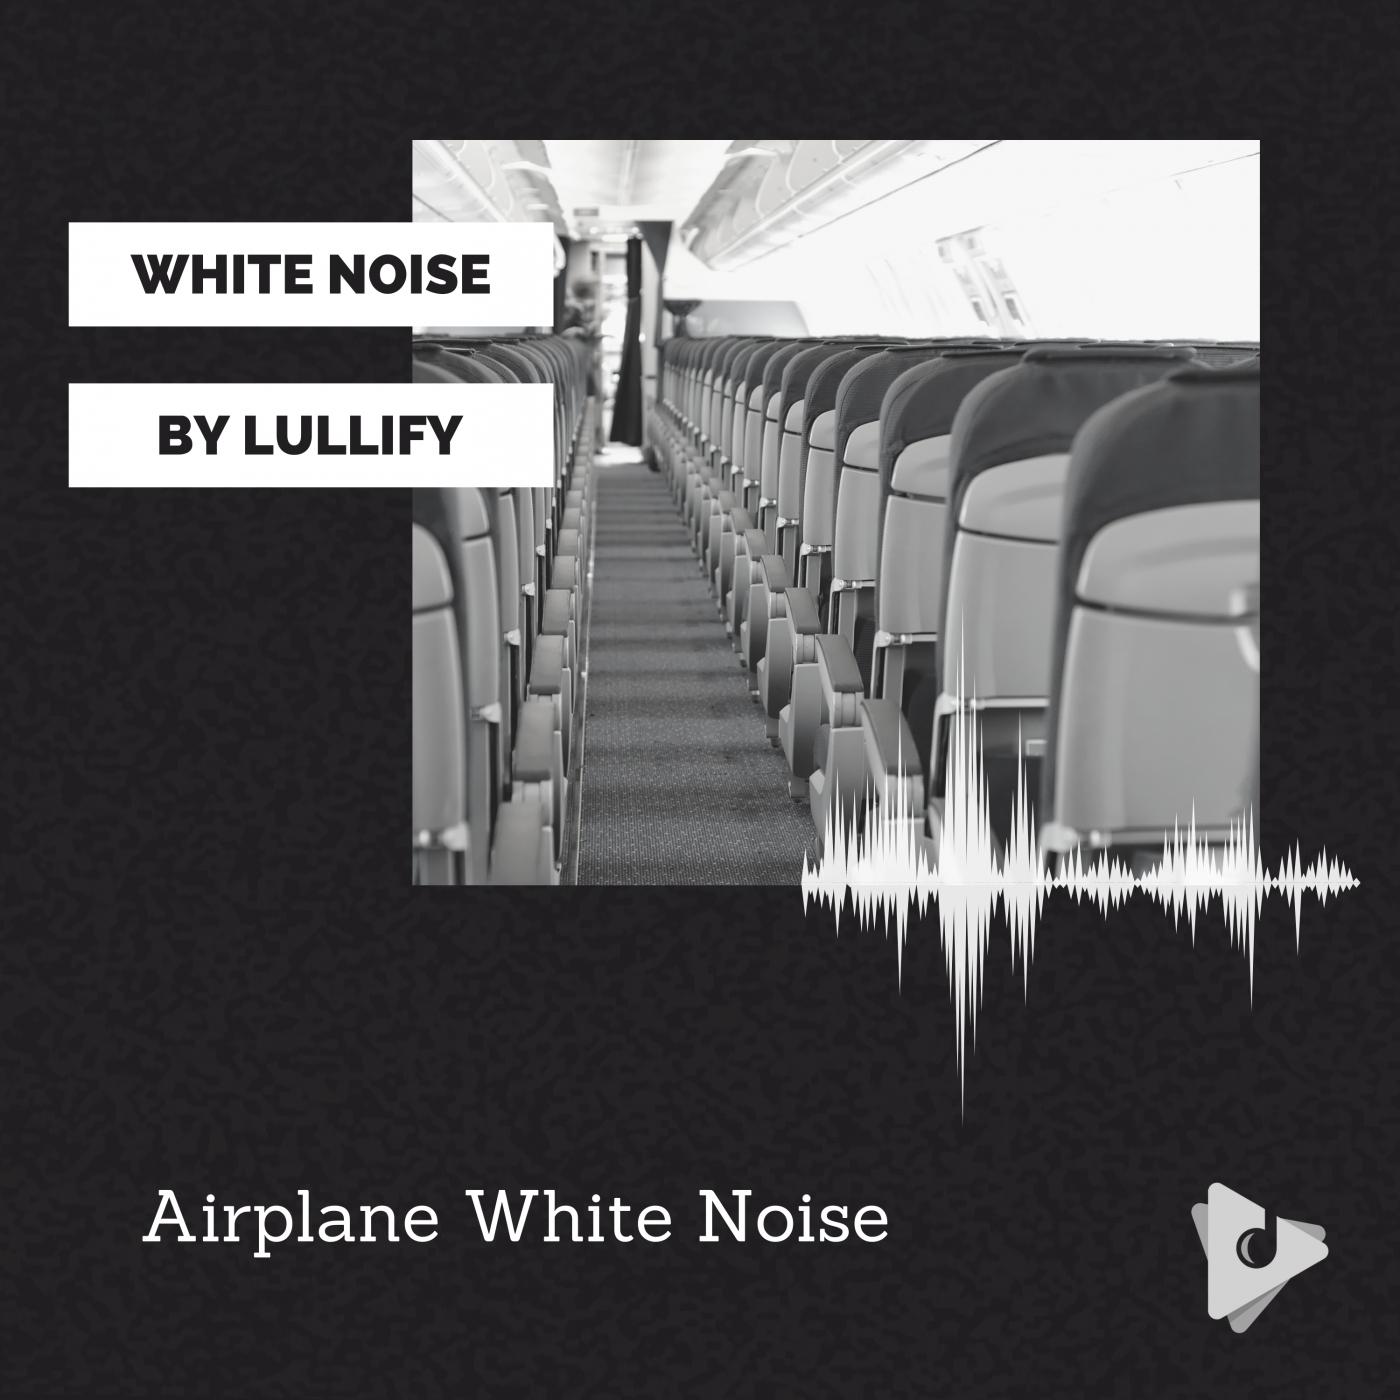 Airplane White Noise